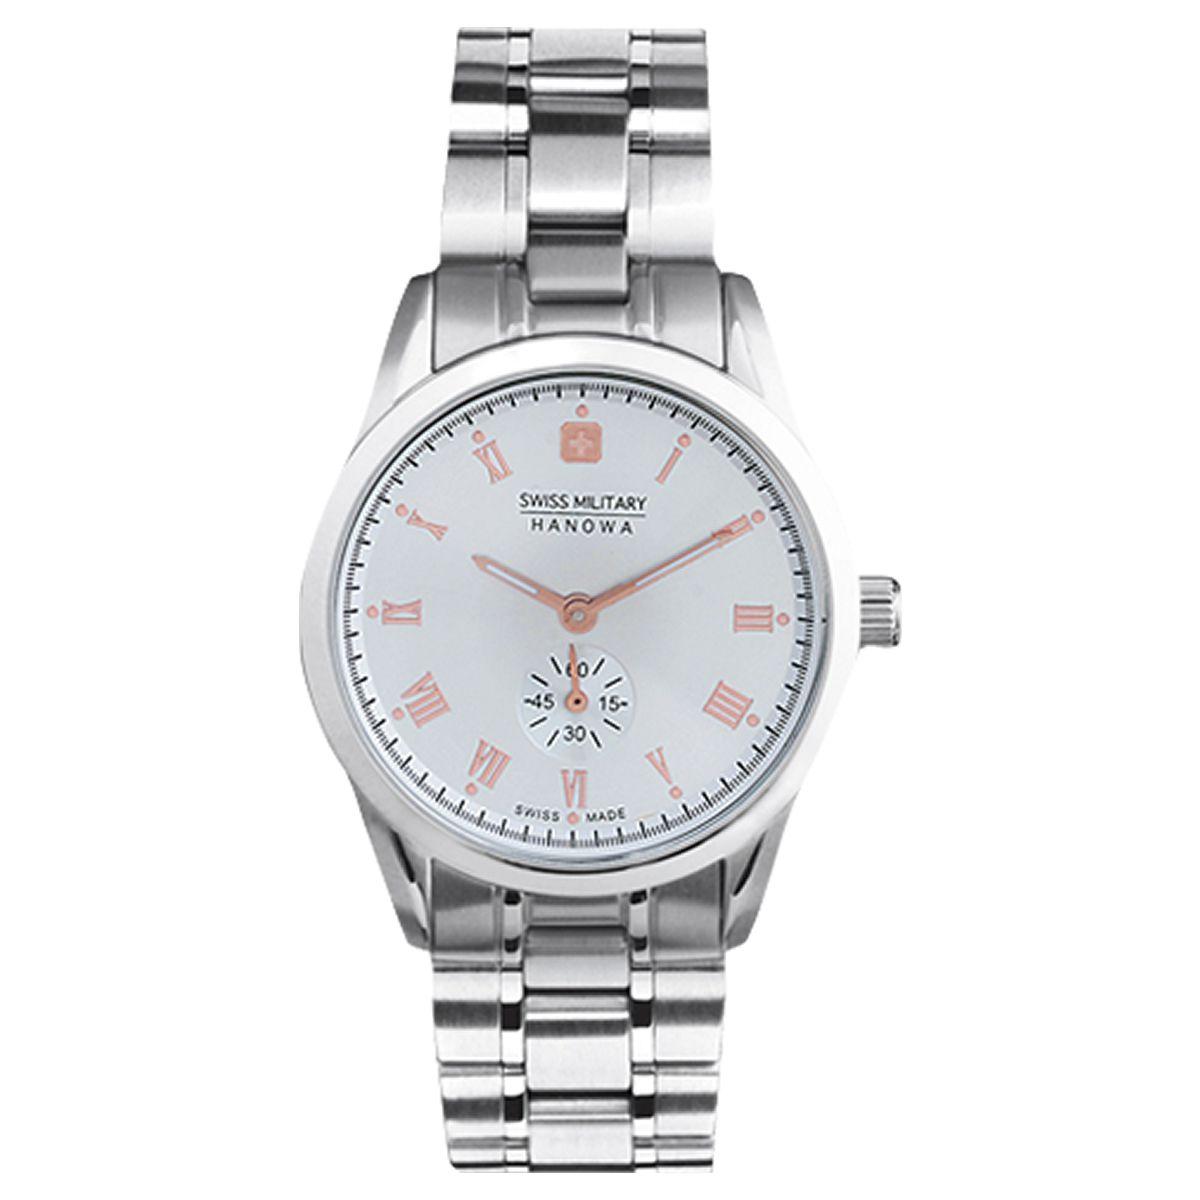 スイスミリタリー ローマン ml351 レディース腕時計